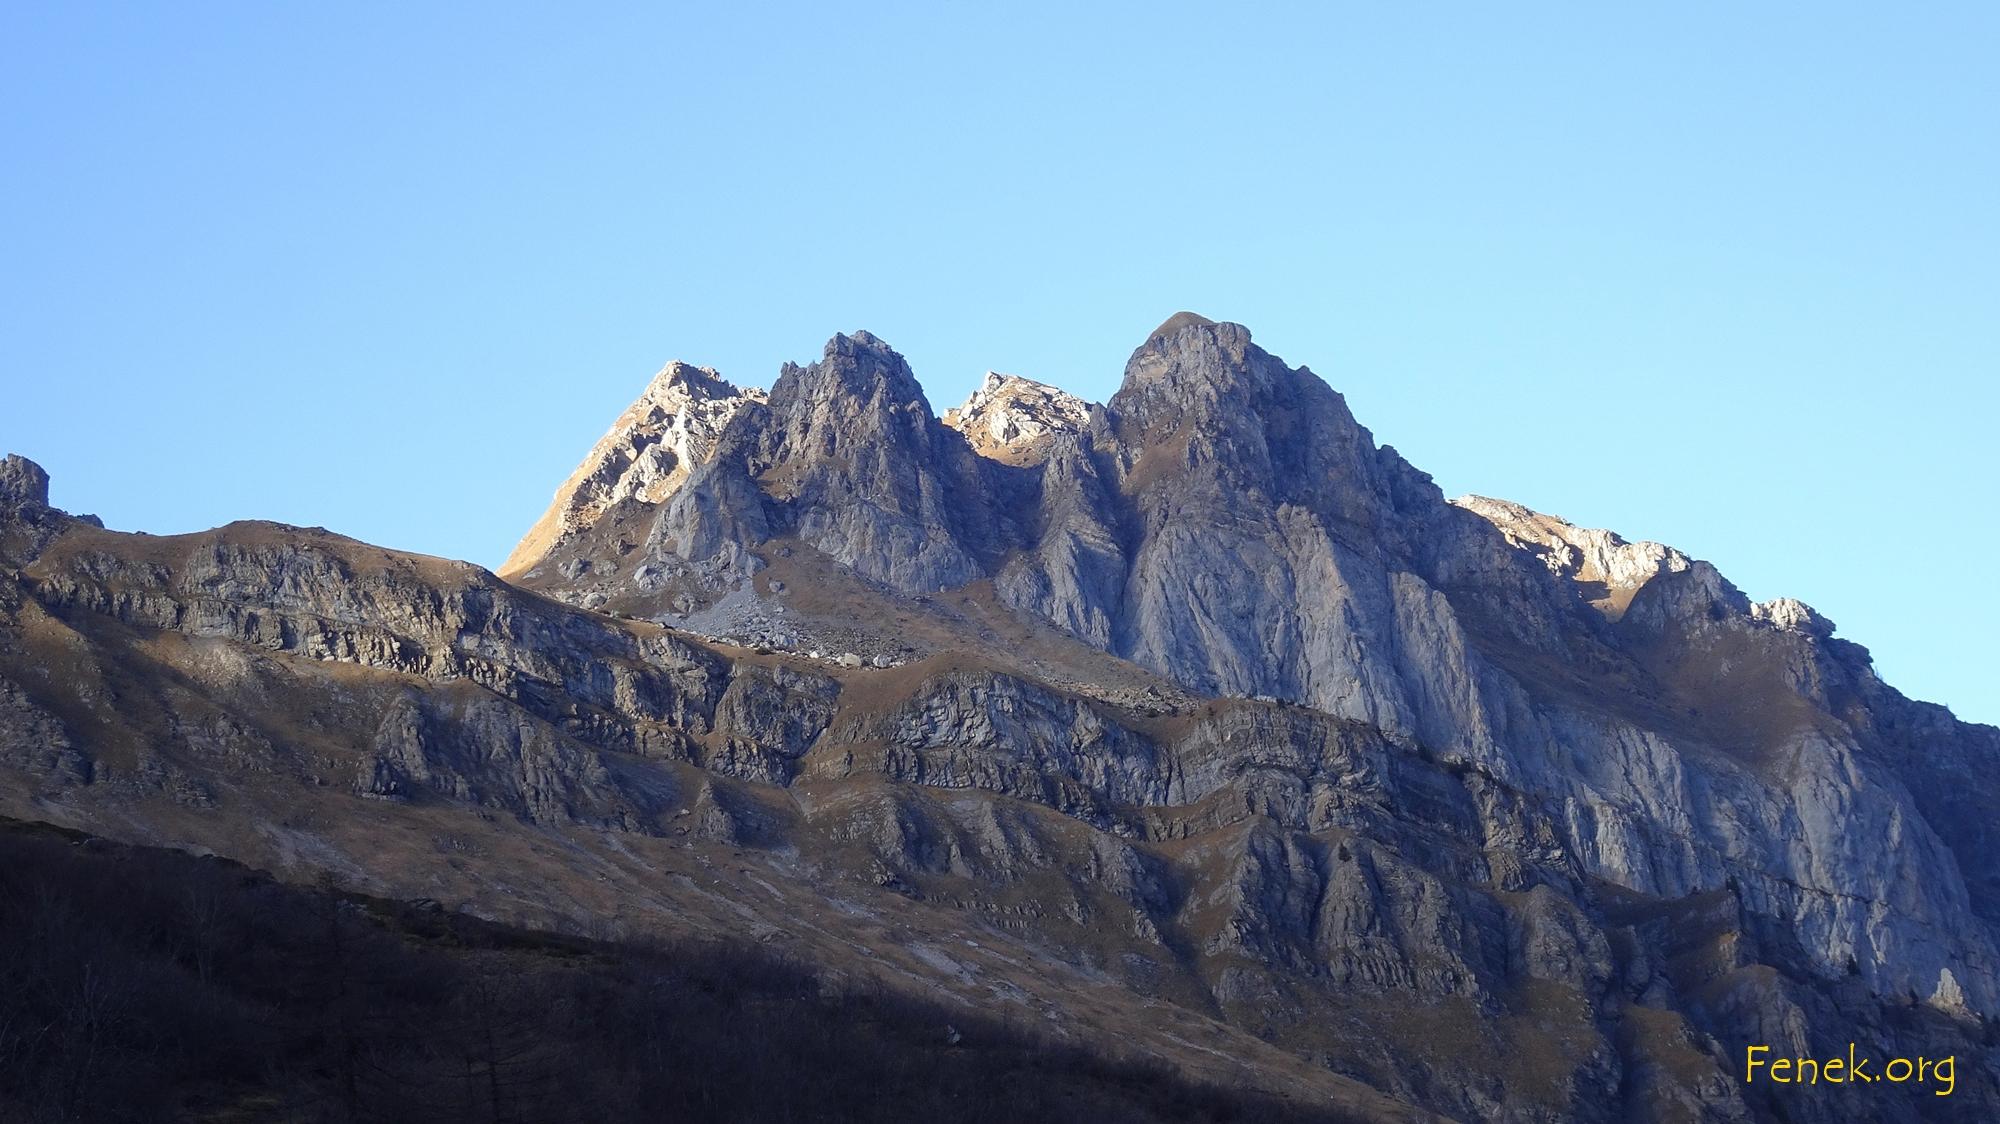 links die besonnte steile Flanke im Profil - Freude herrscht